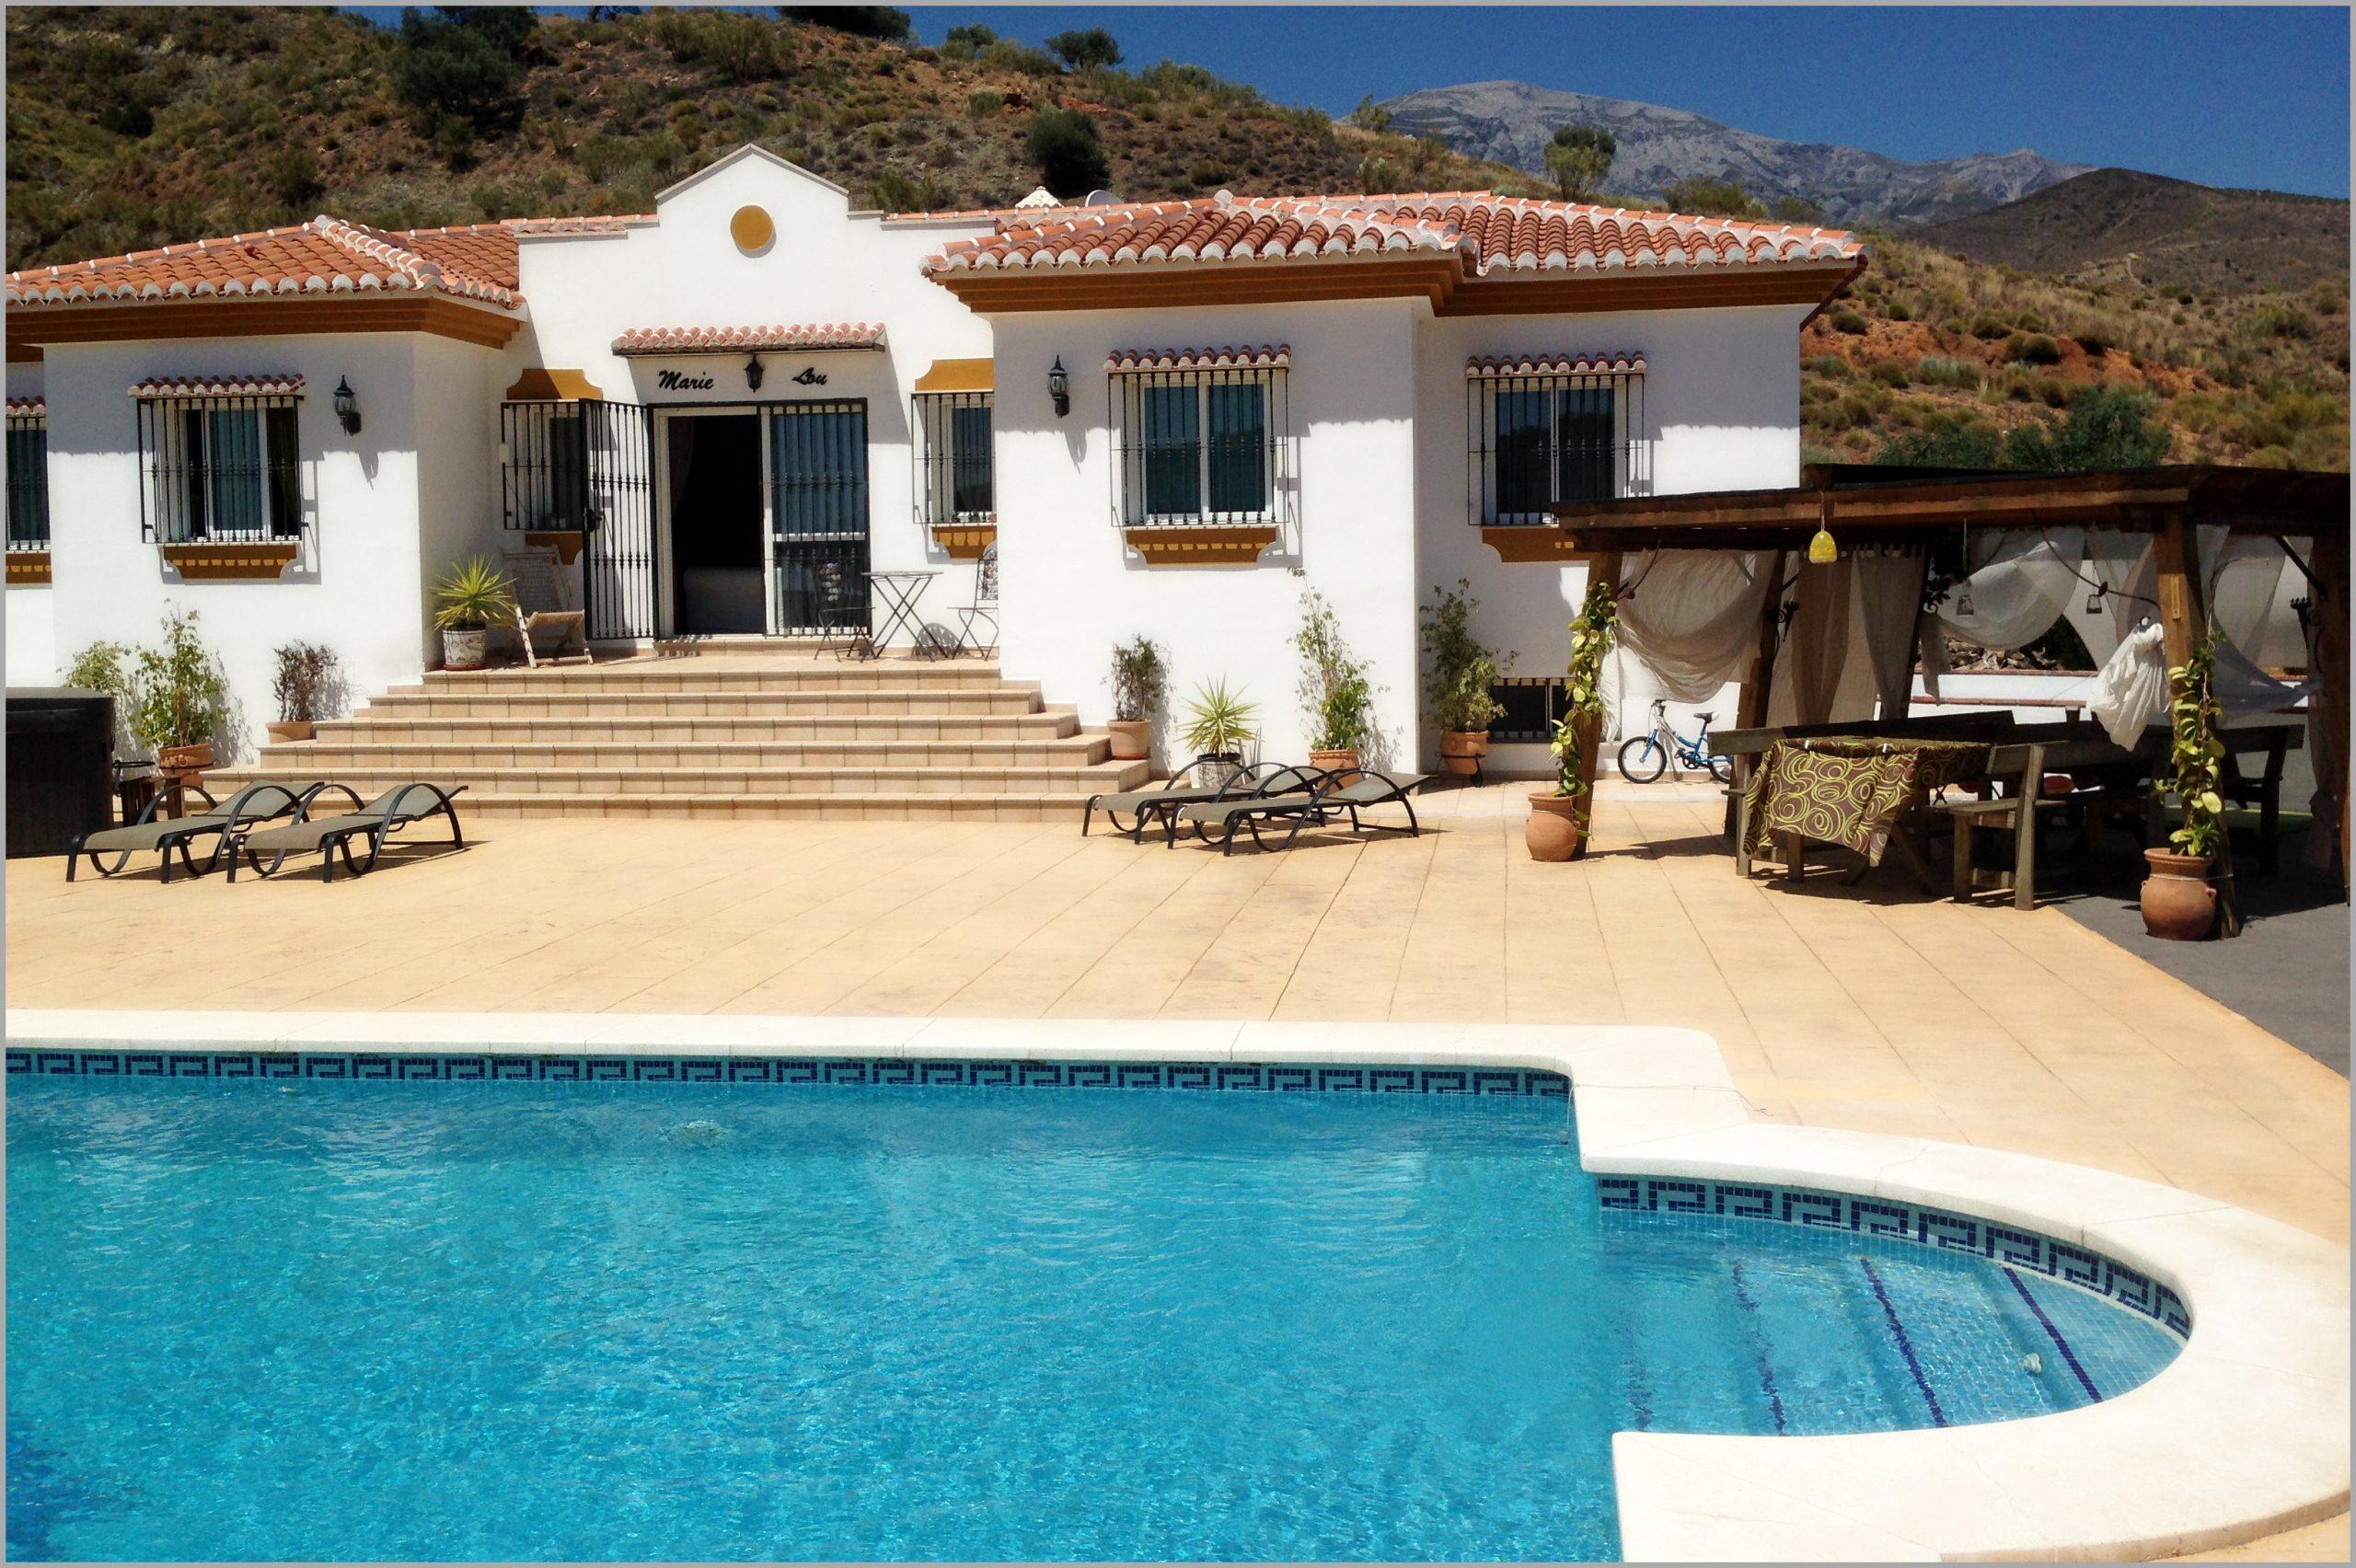 Location Maison Avec Piscine Sans Vis A Vis Espagne ... encequiconcerne Location Maison Avec Piscine France